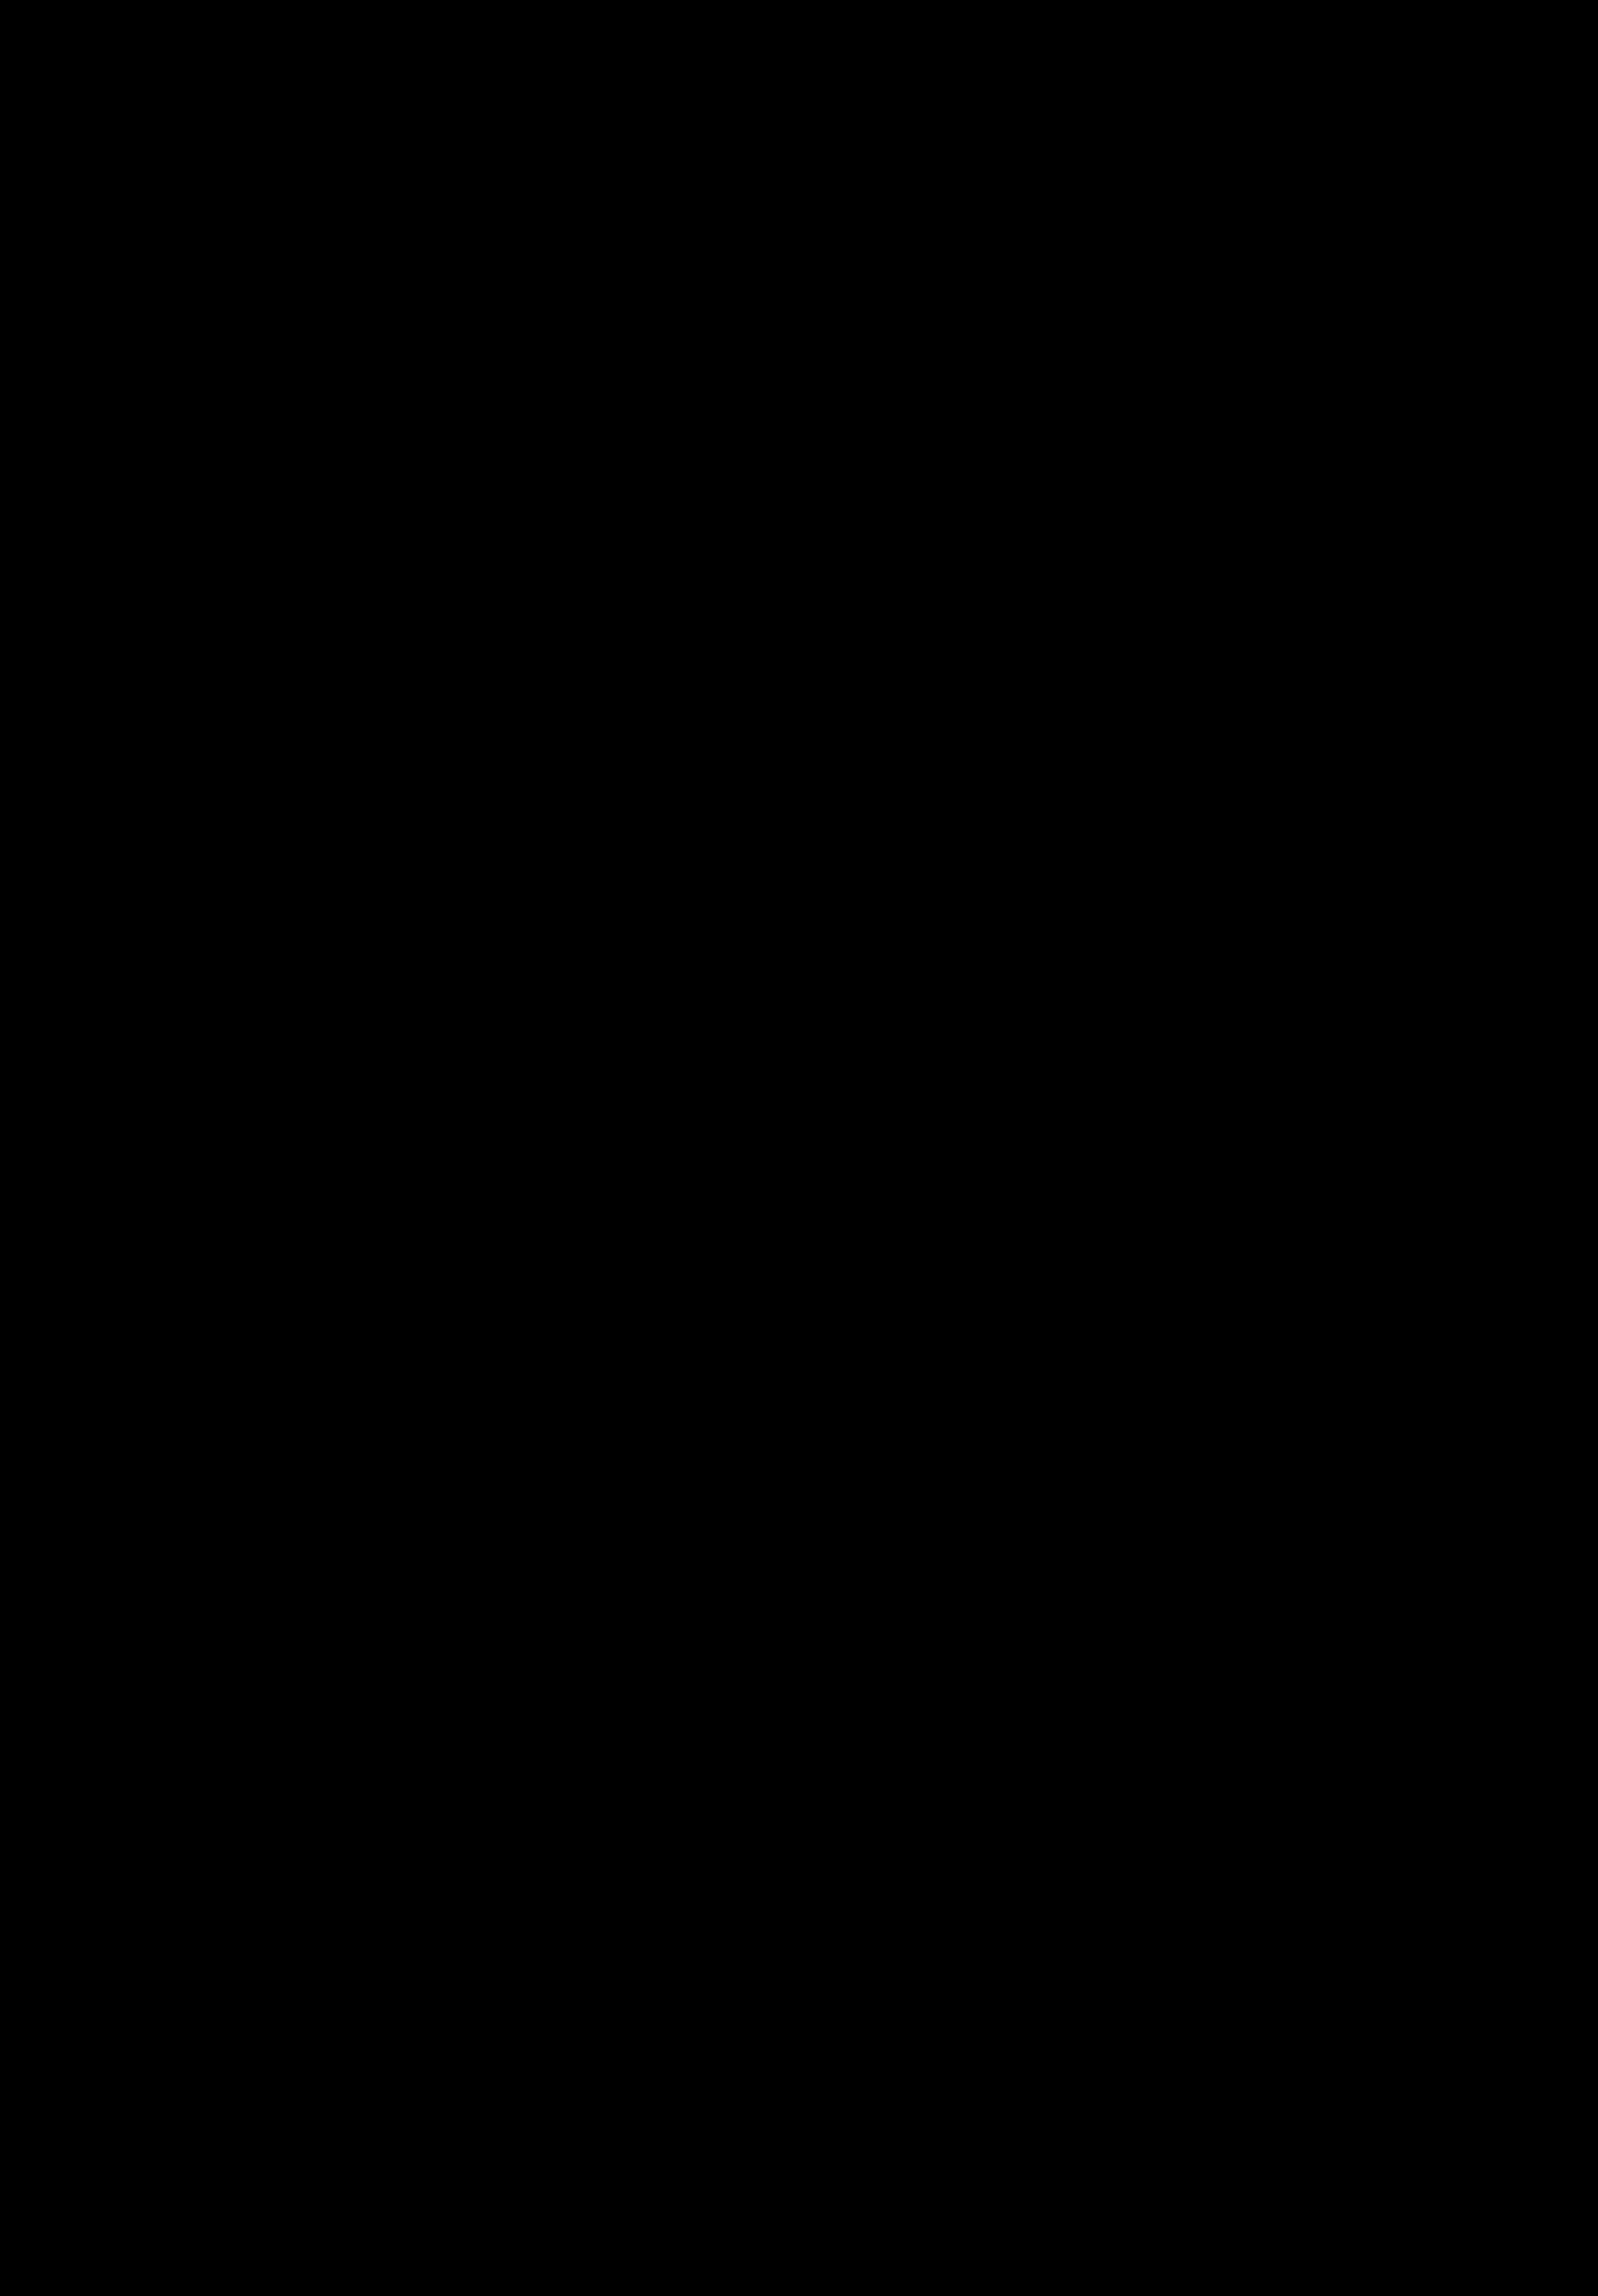 Siegel-Schwall Band Poster